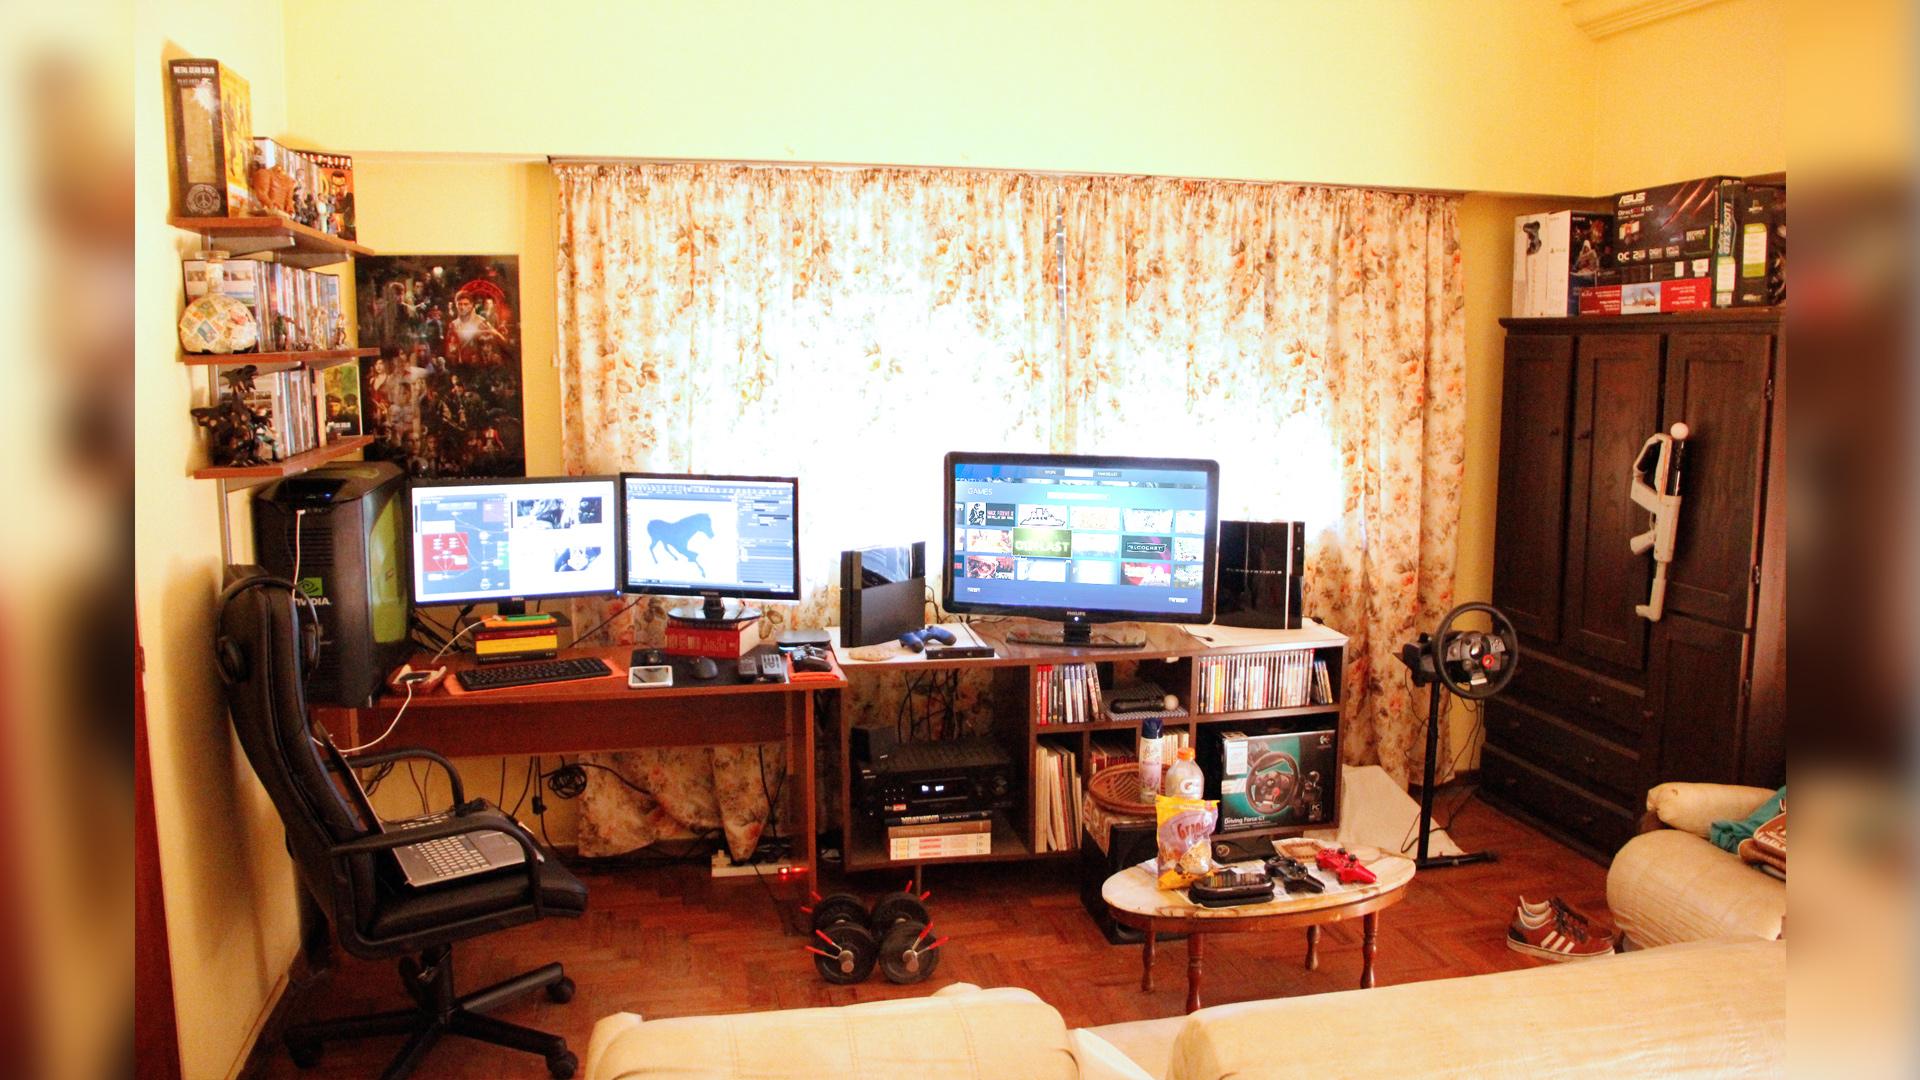 pc gaming pc gamer (14)